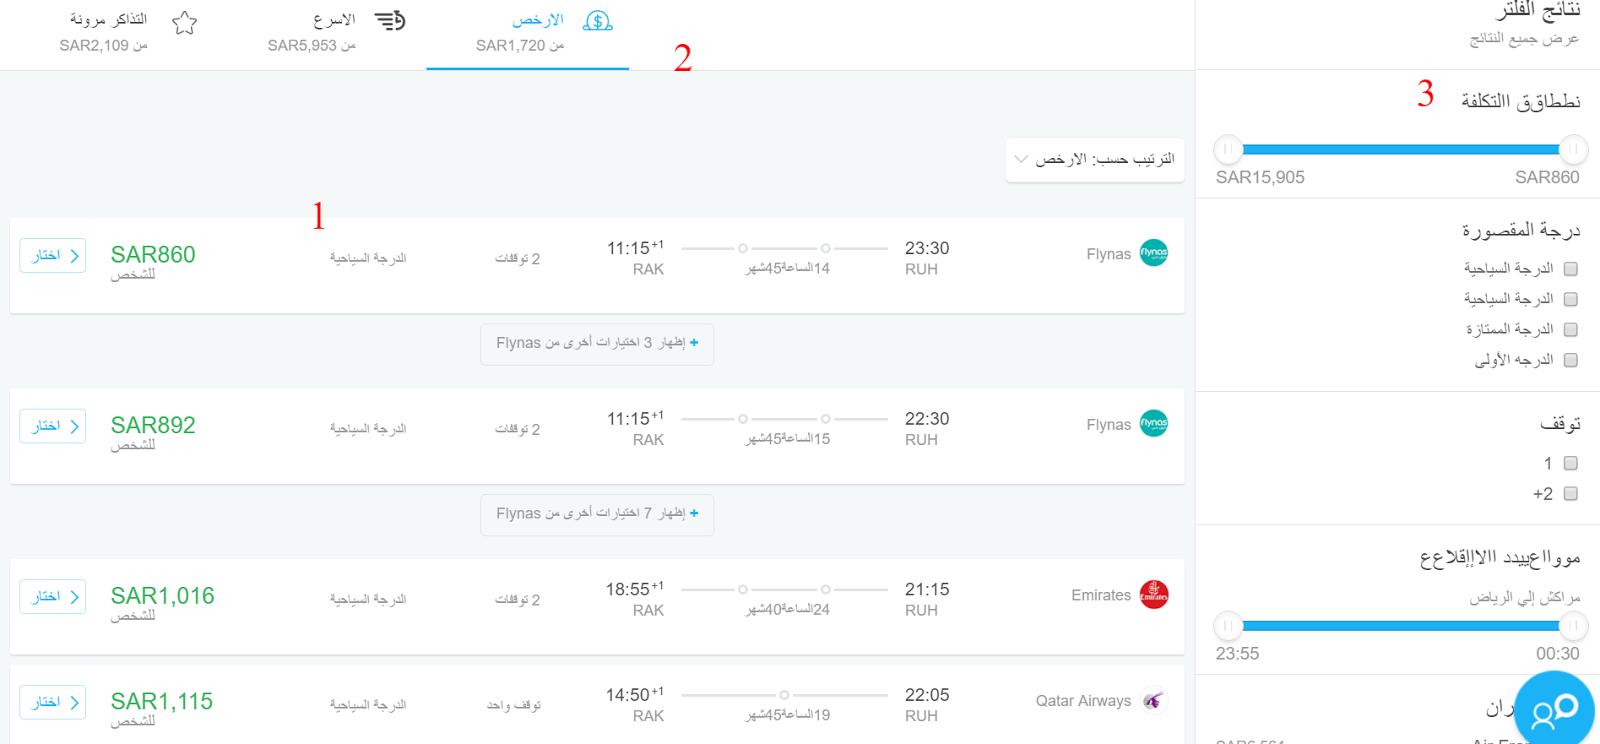 اختيار أرخص رحلة من مصر للسعودية